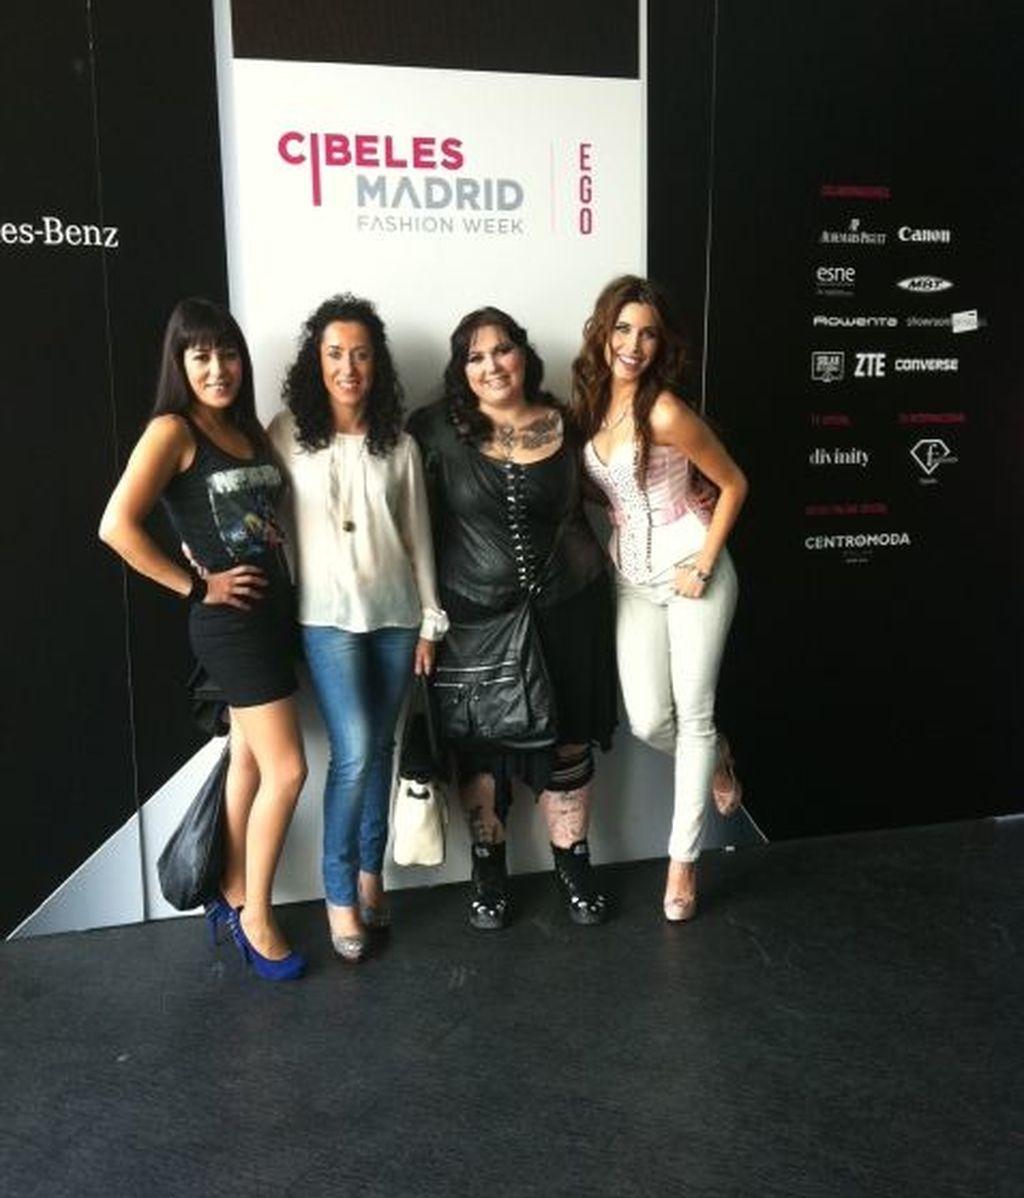 Los famosos nos hablan desde Cibeles (y también nos envían fotos)